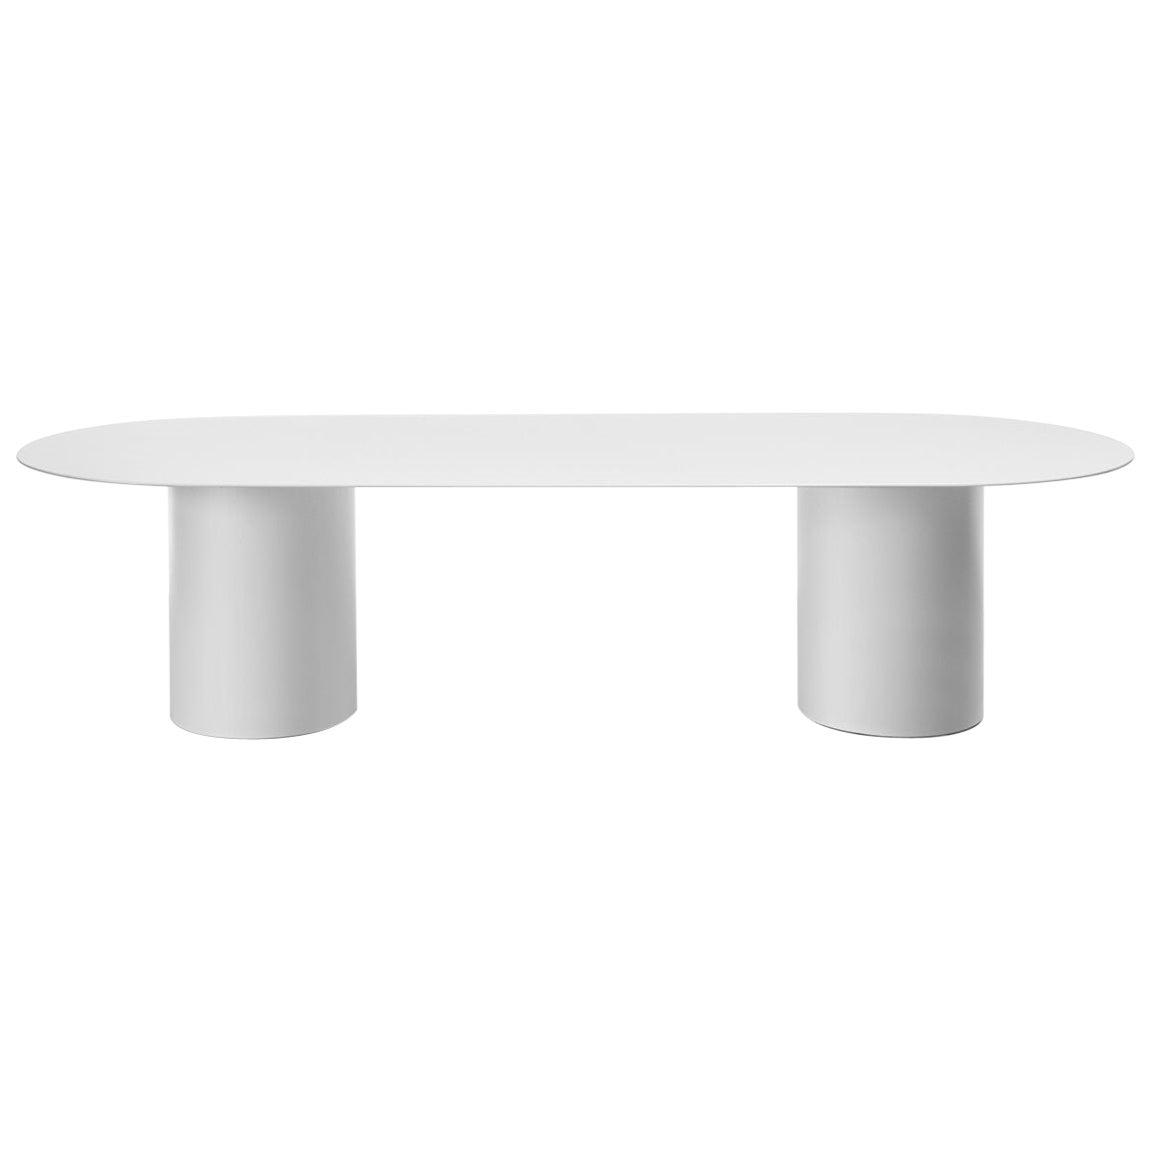 Desalto MM8 White Table Designed by Guglielmo Poletti